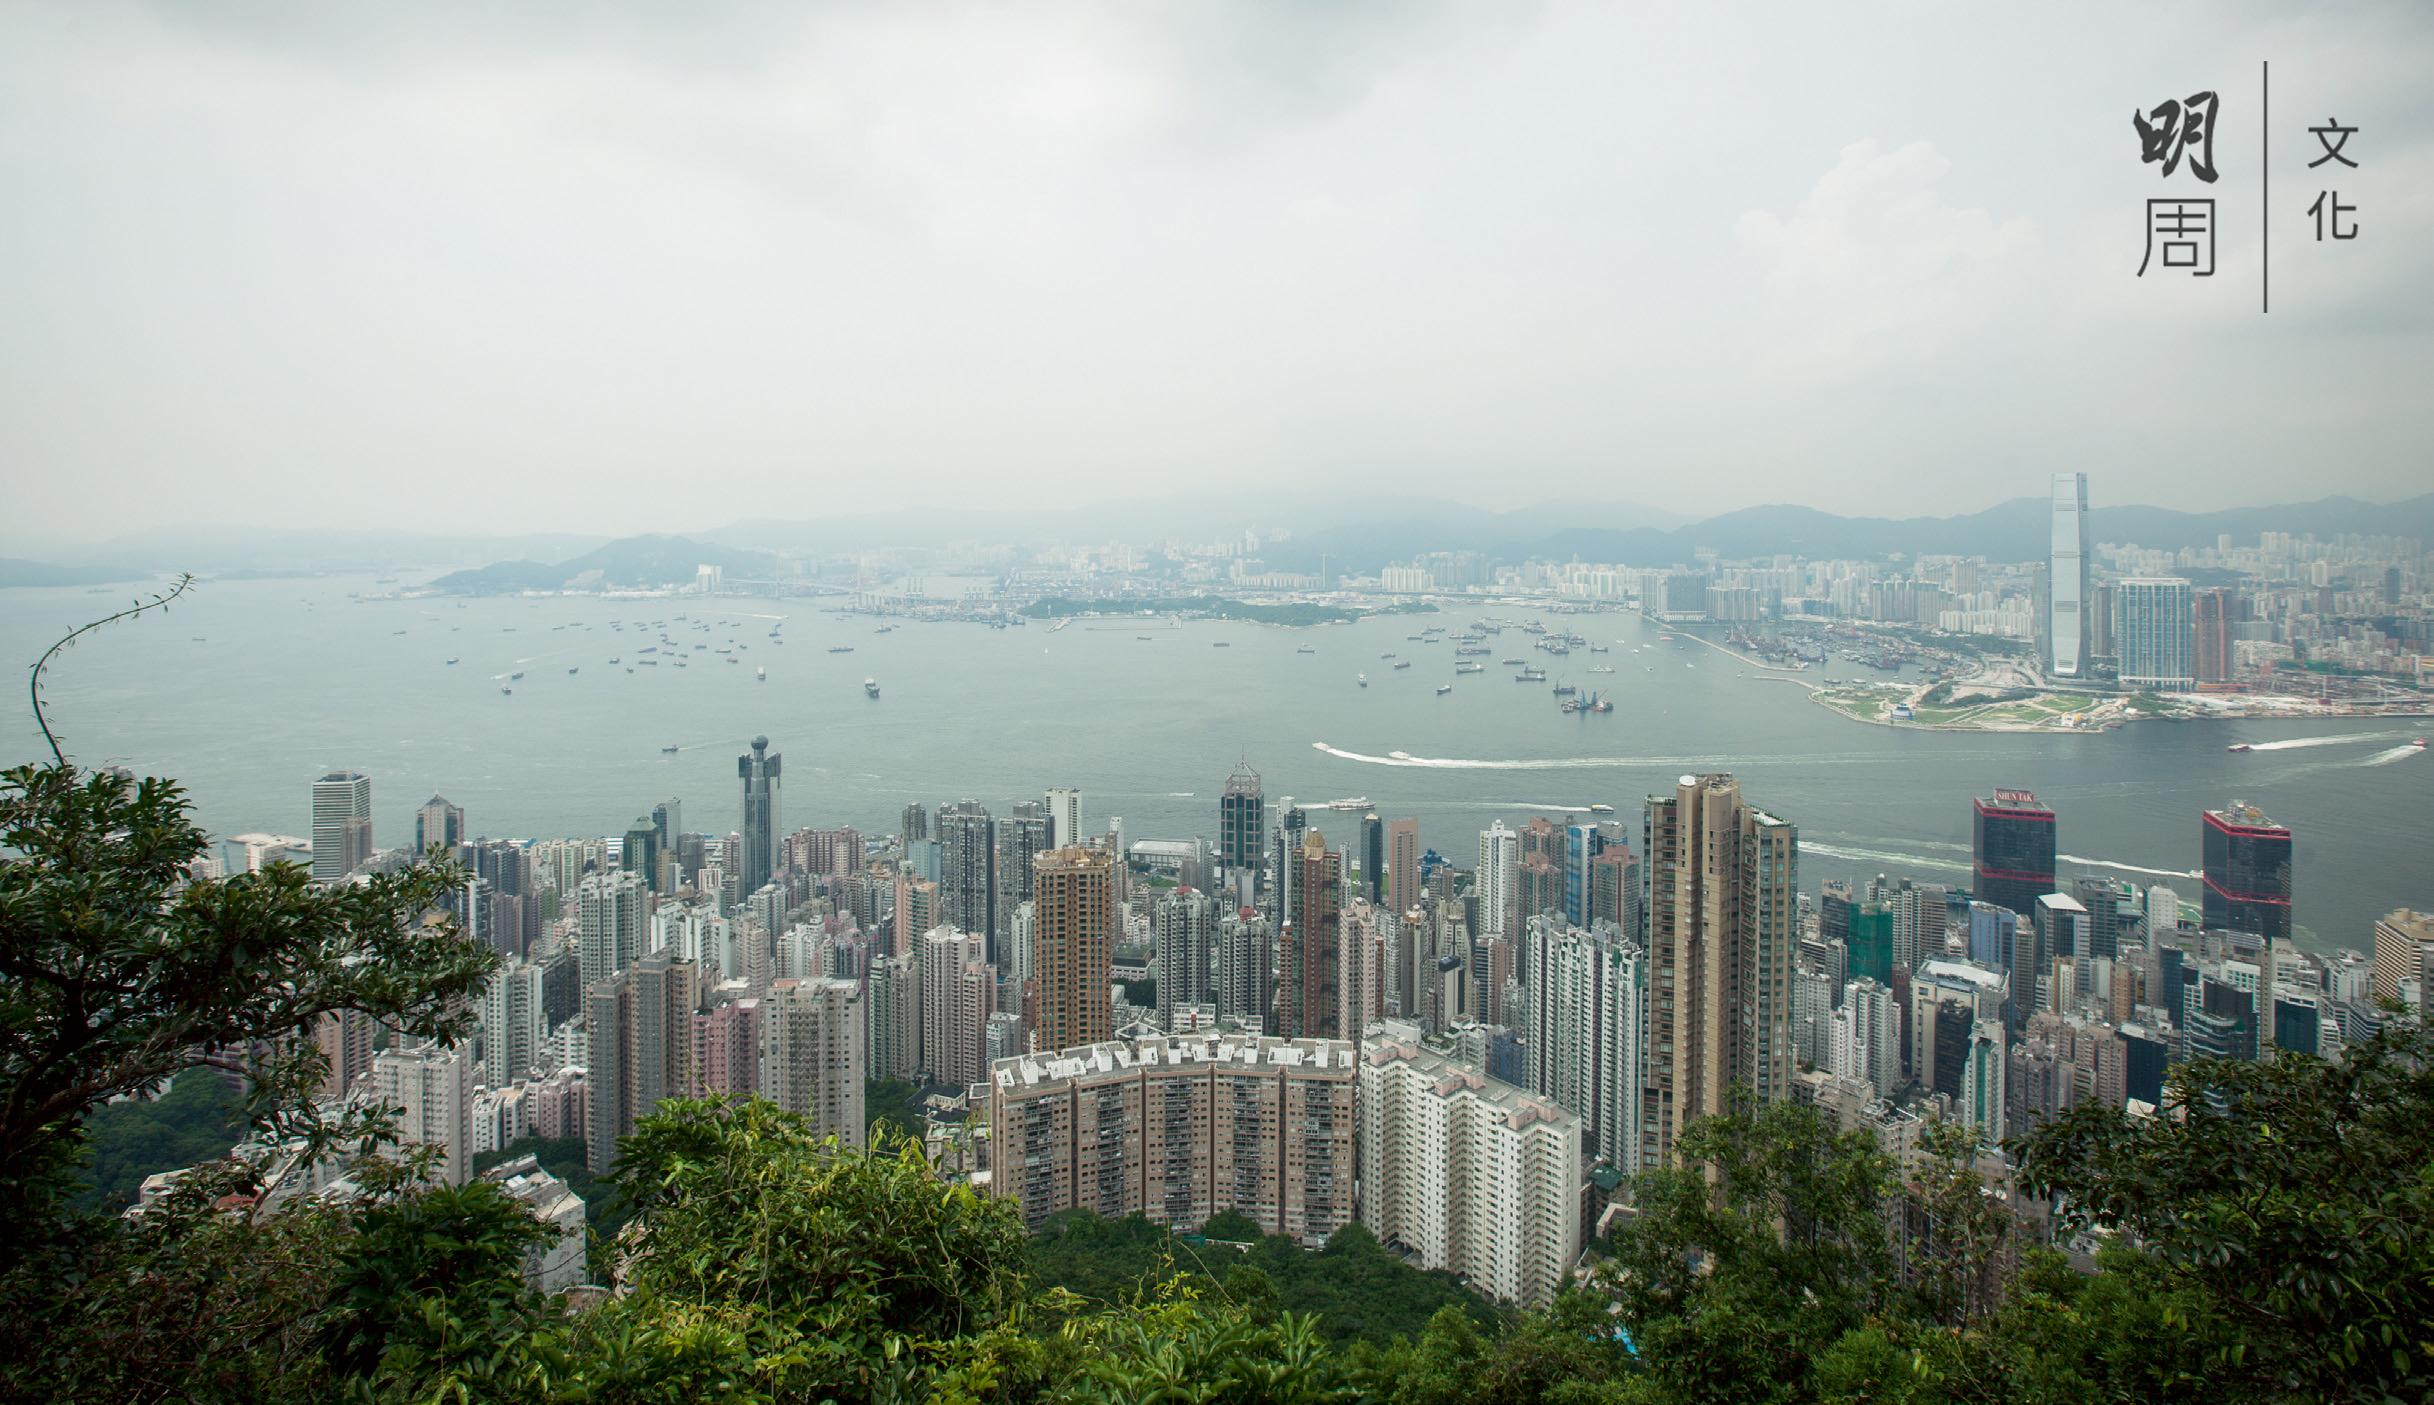 香港的天際線比其他國際城市還要長,共由7,000幢摩天大廈所組成。